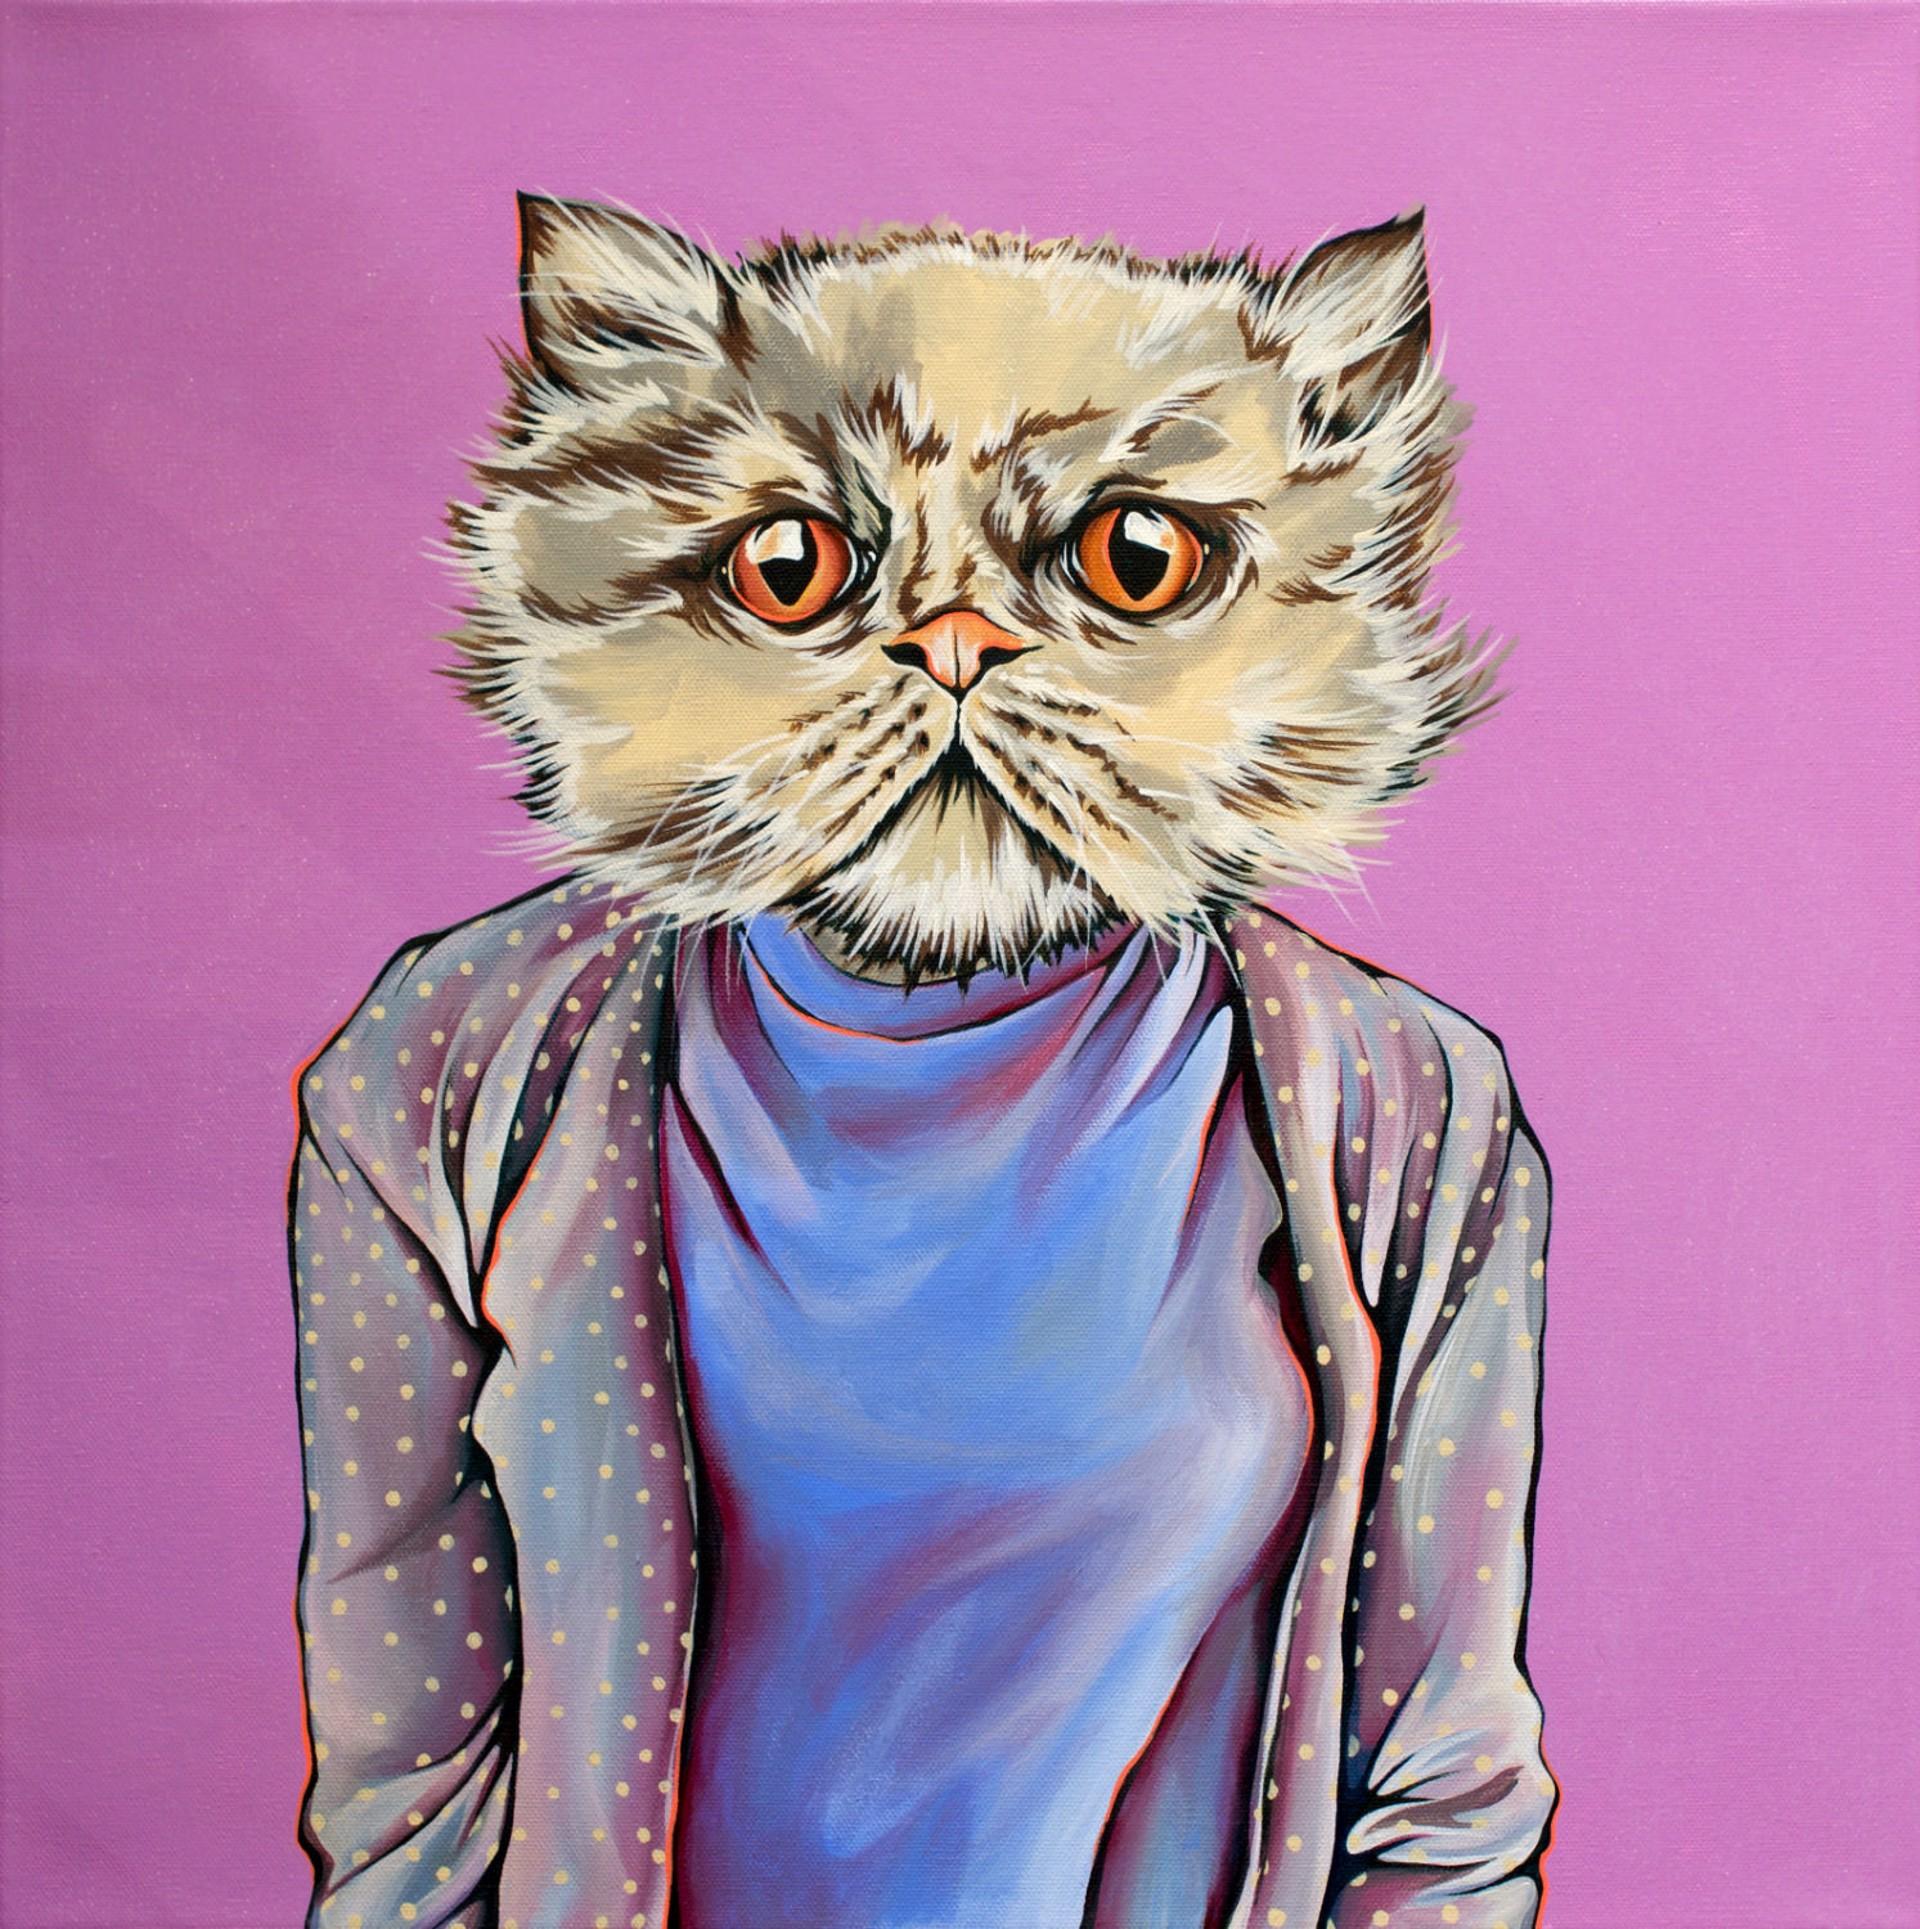 Smoosh Faced Cutie by Kaitlin Ziesmer